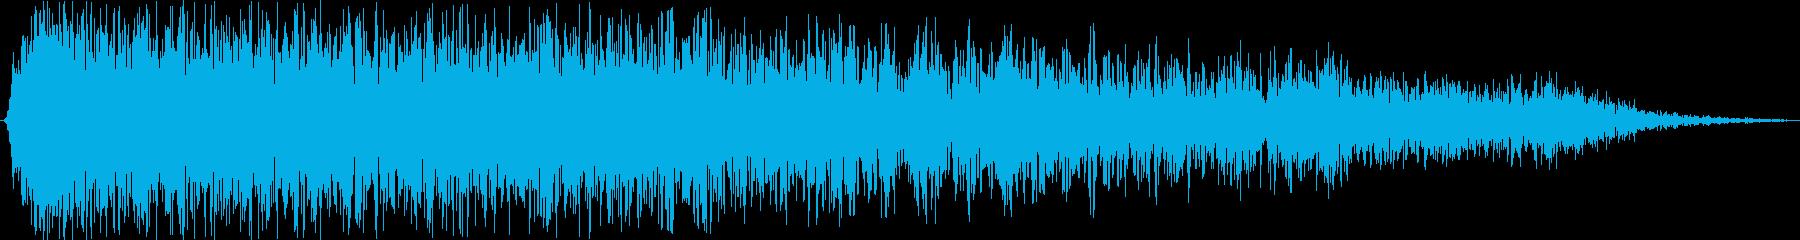 火炎放射器:ヘビーブラストの再生済みの波形